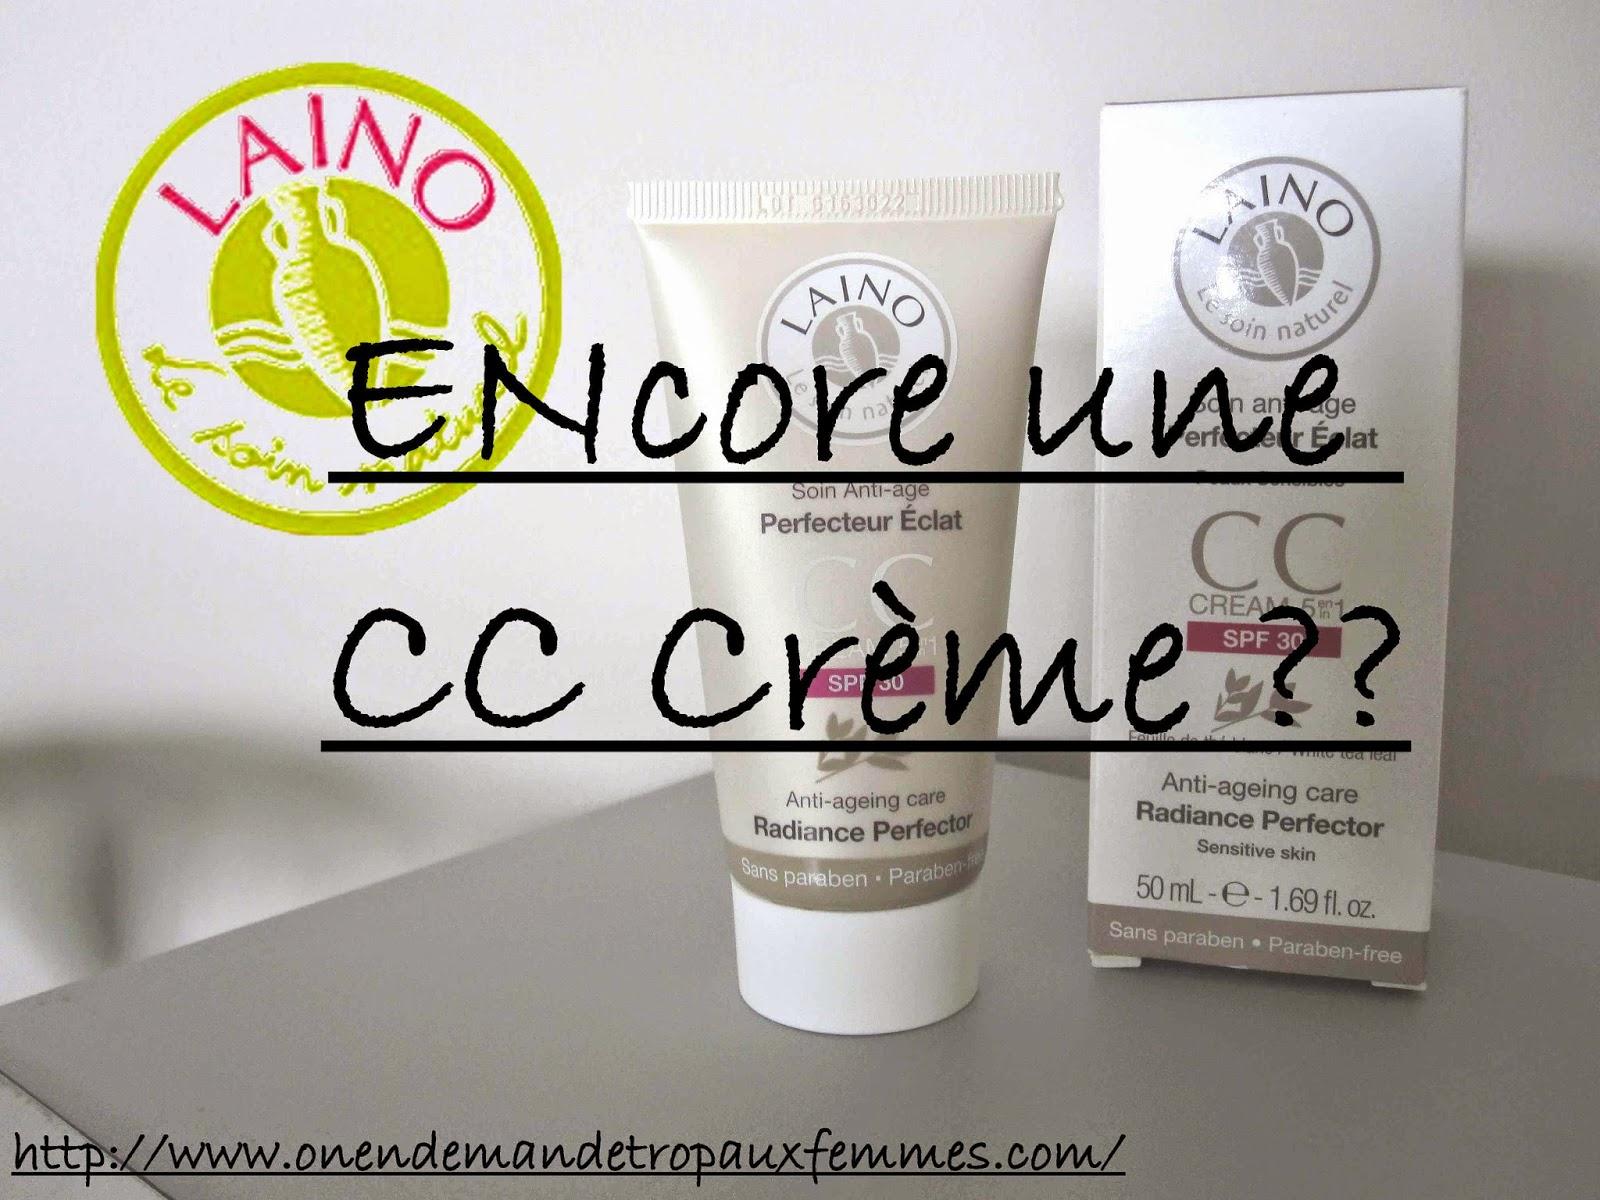 cc crème de laino